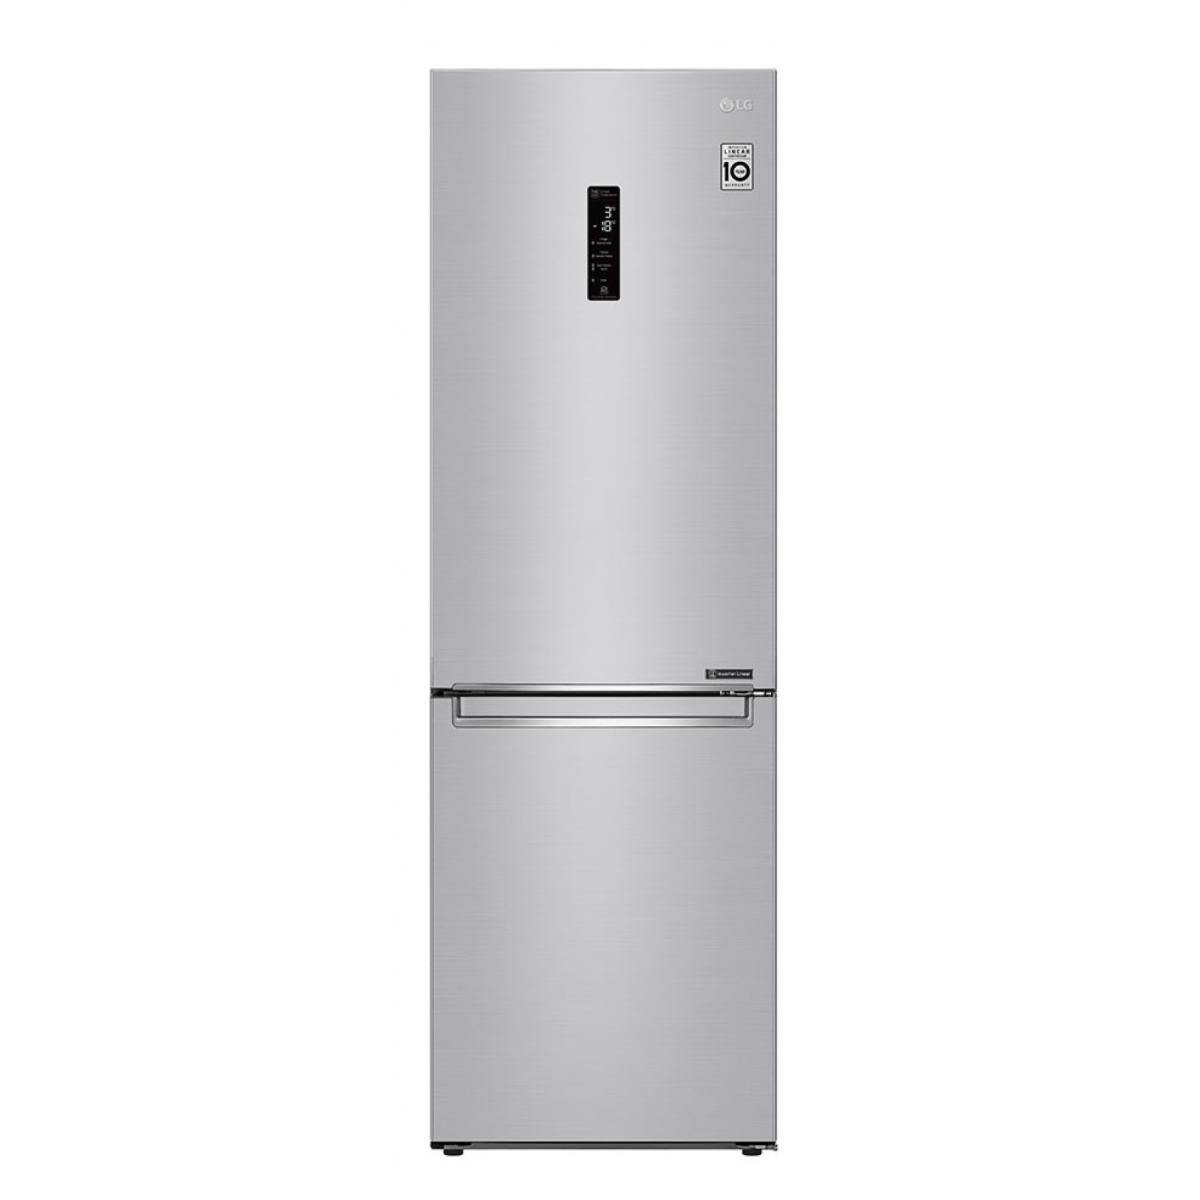 LG Frigorífico Combi Gbb71nsdfn Y Congelador Independiente Acero 341 L A+++